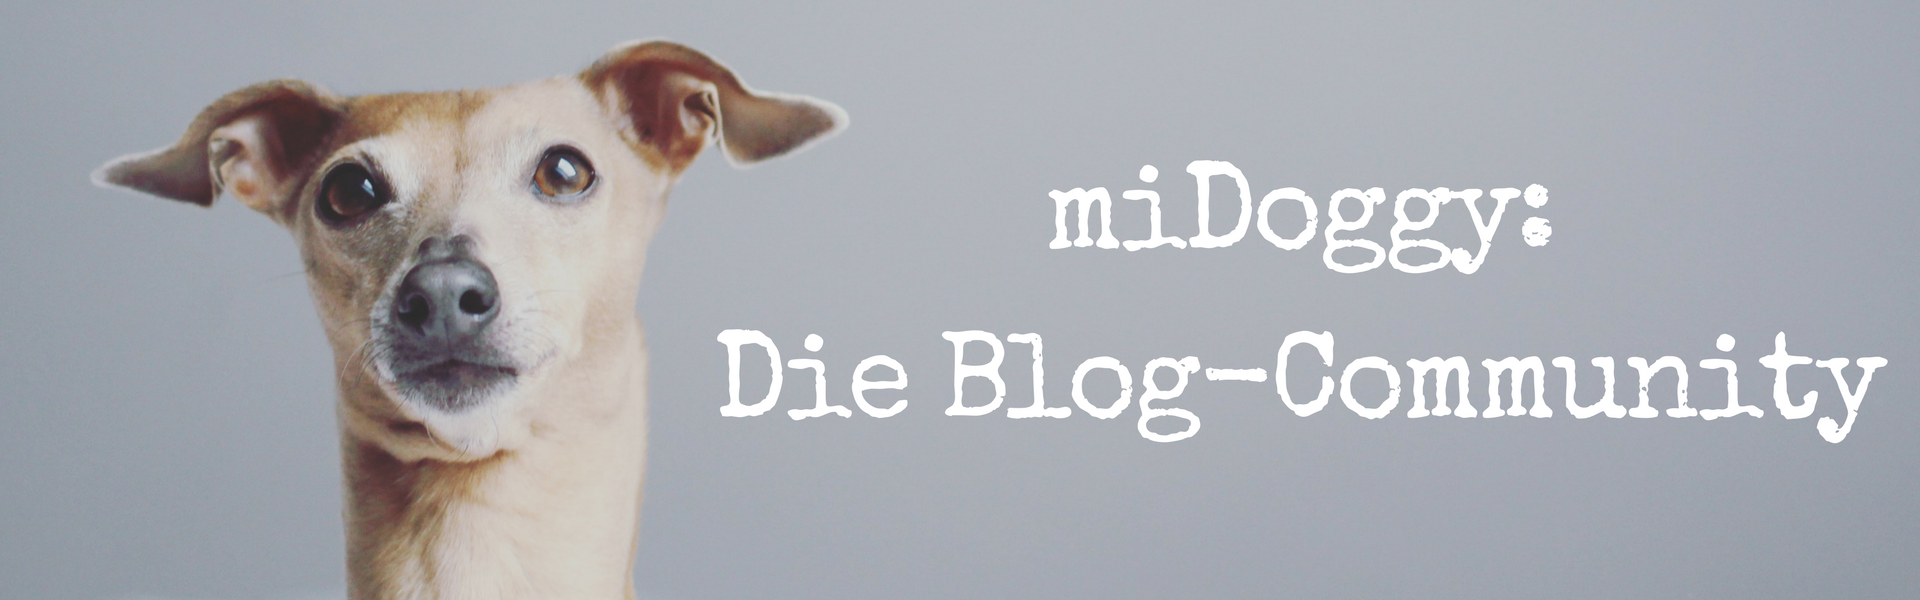 miDoggy Blog Community für alle Hunde und Hundebegeisterte